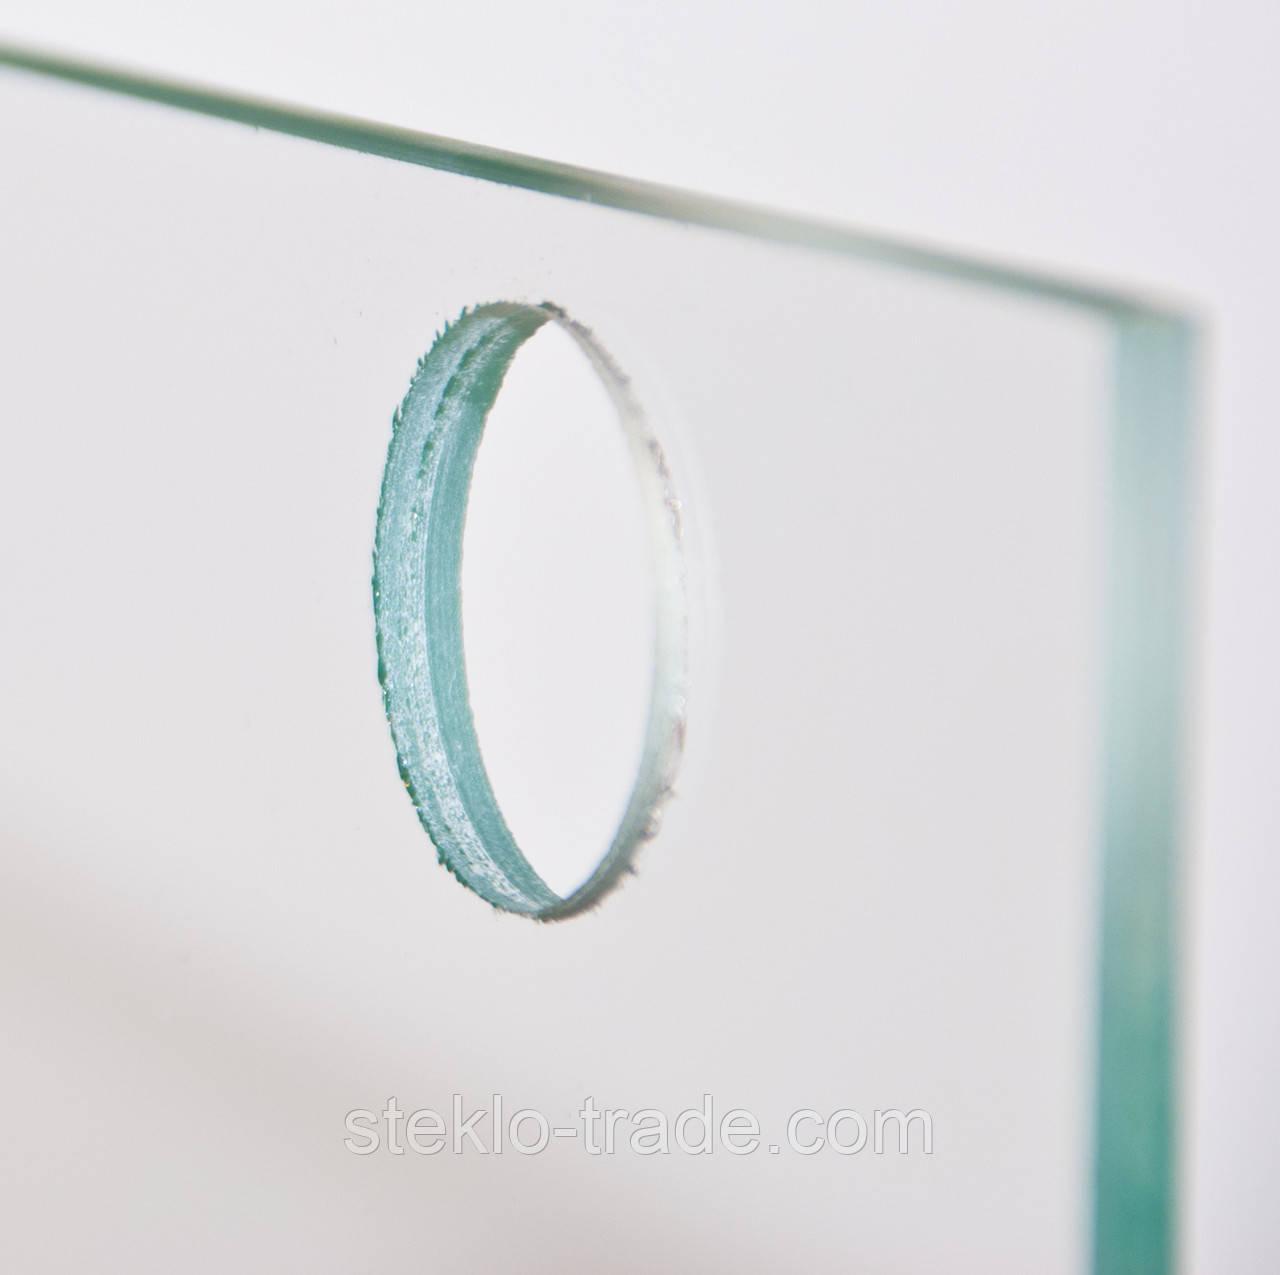 Сверление стекла